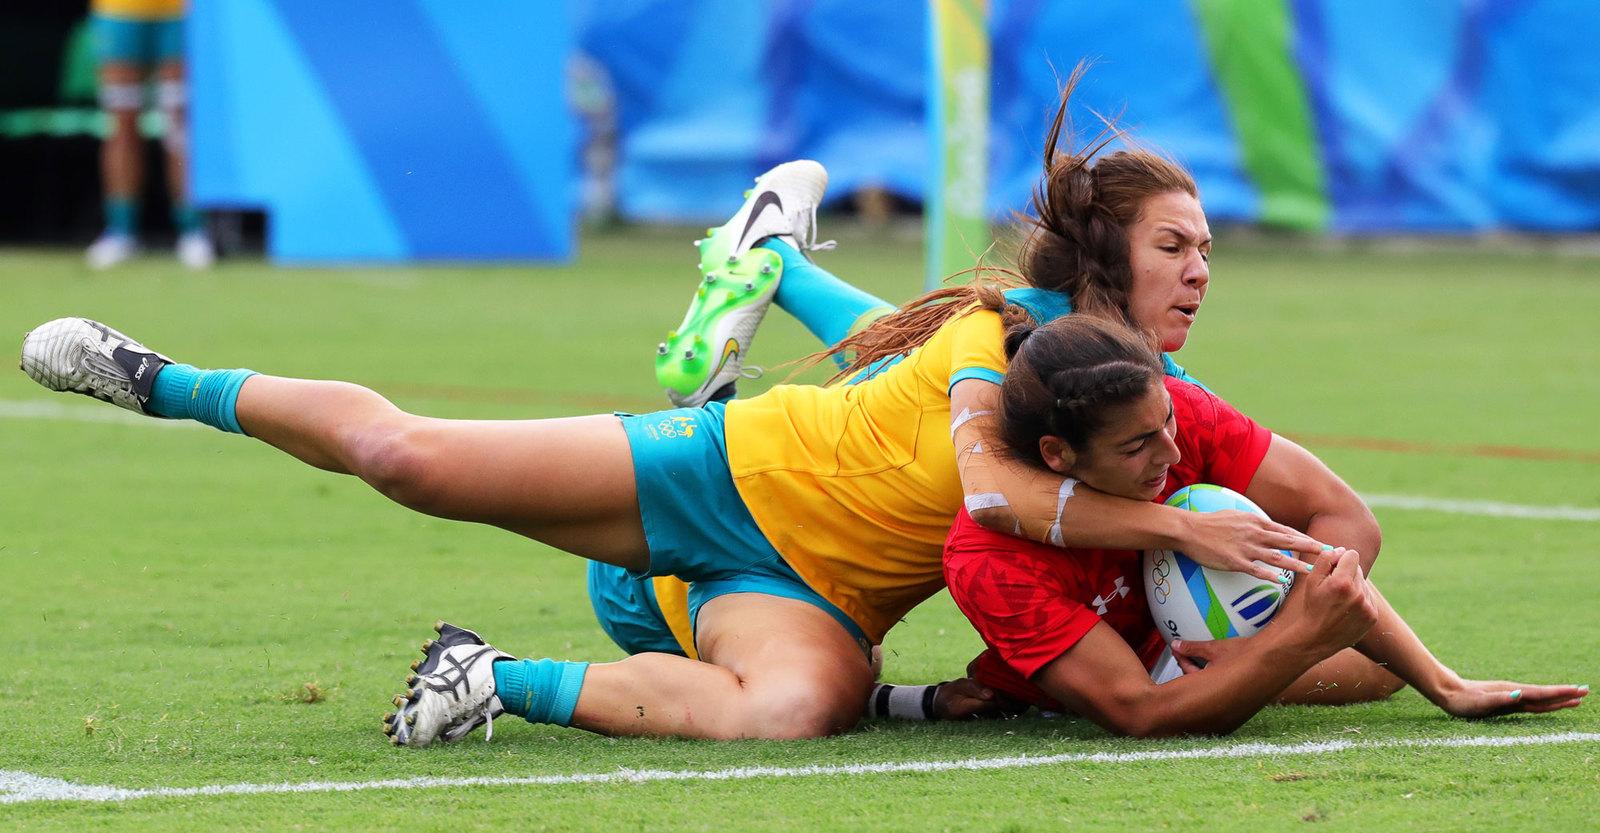 Прекрасная половина человечества борется за звание олимпийских чемпионок в регби